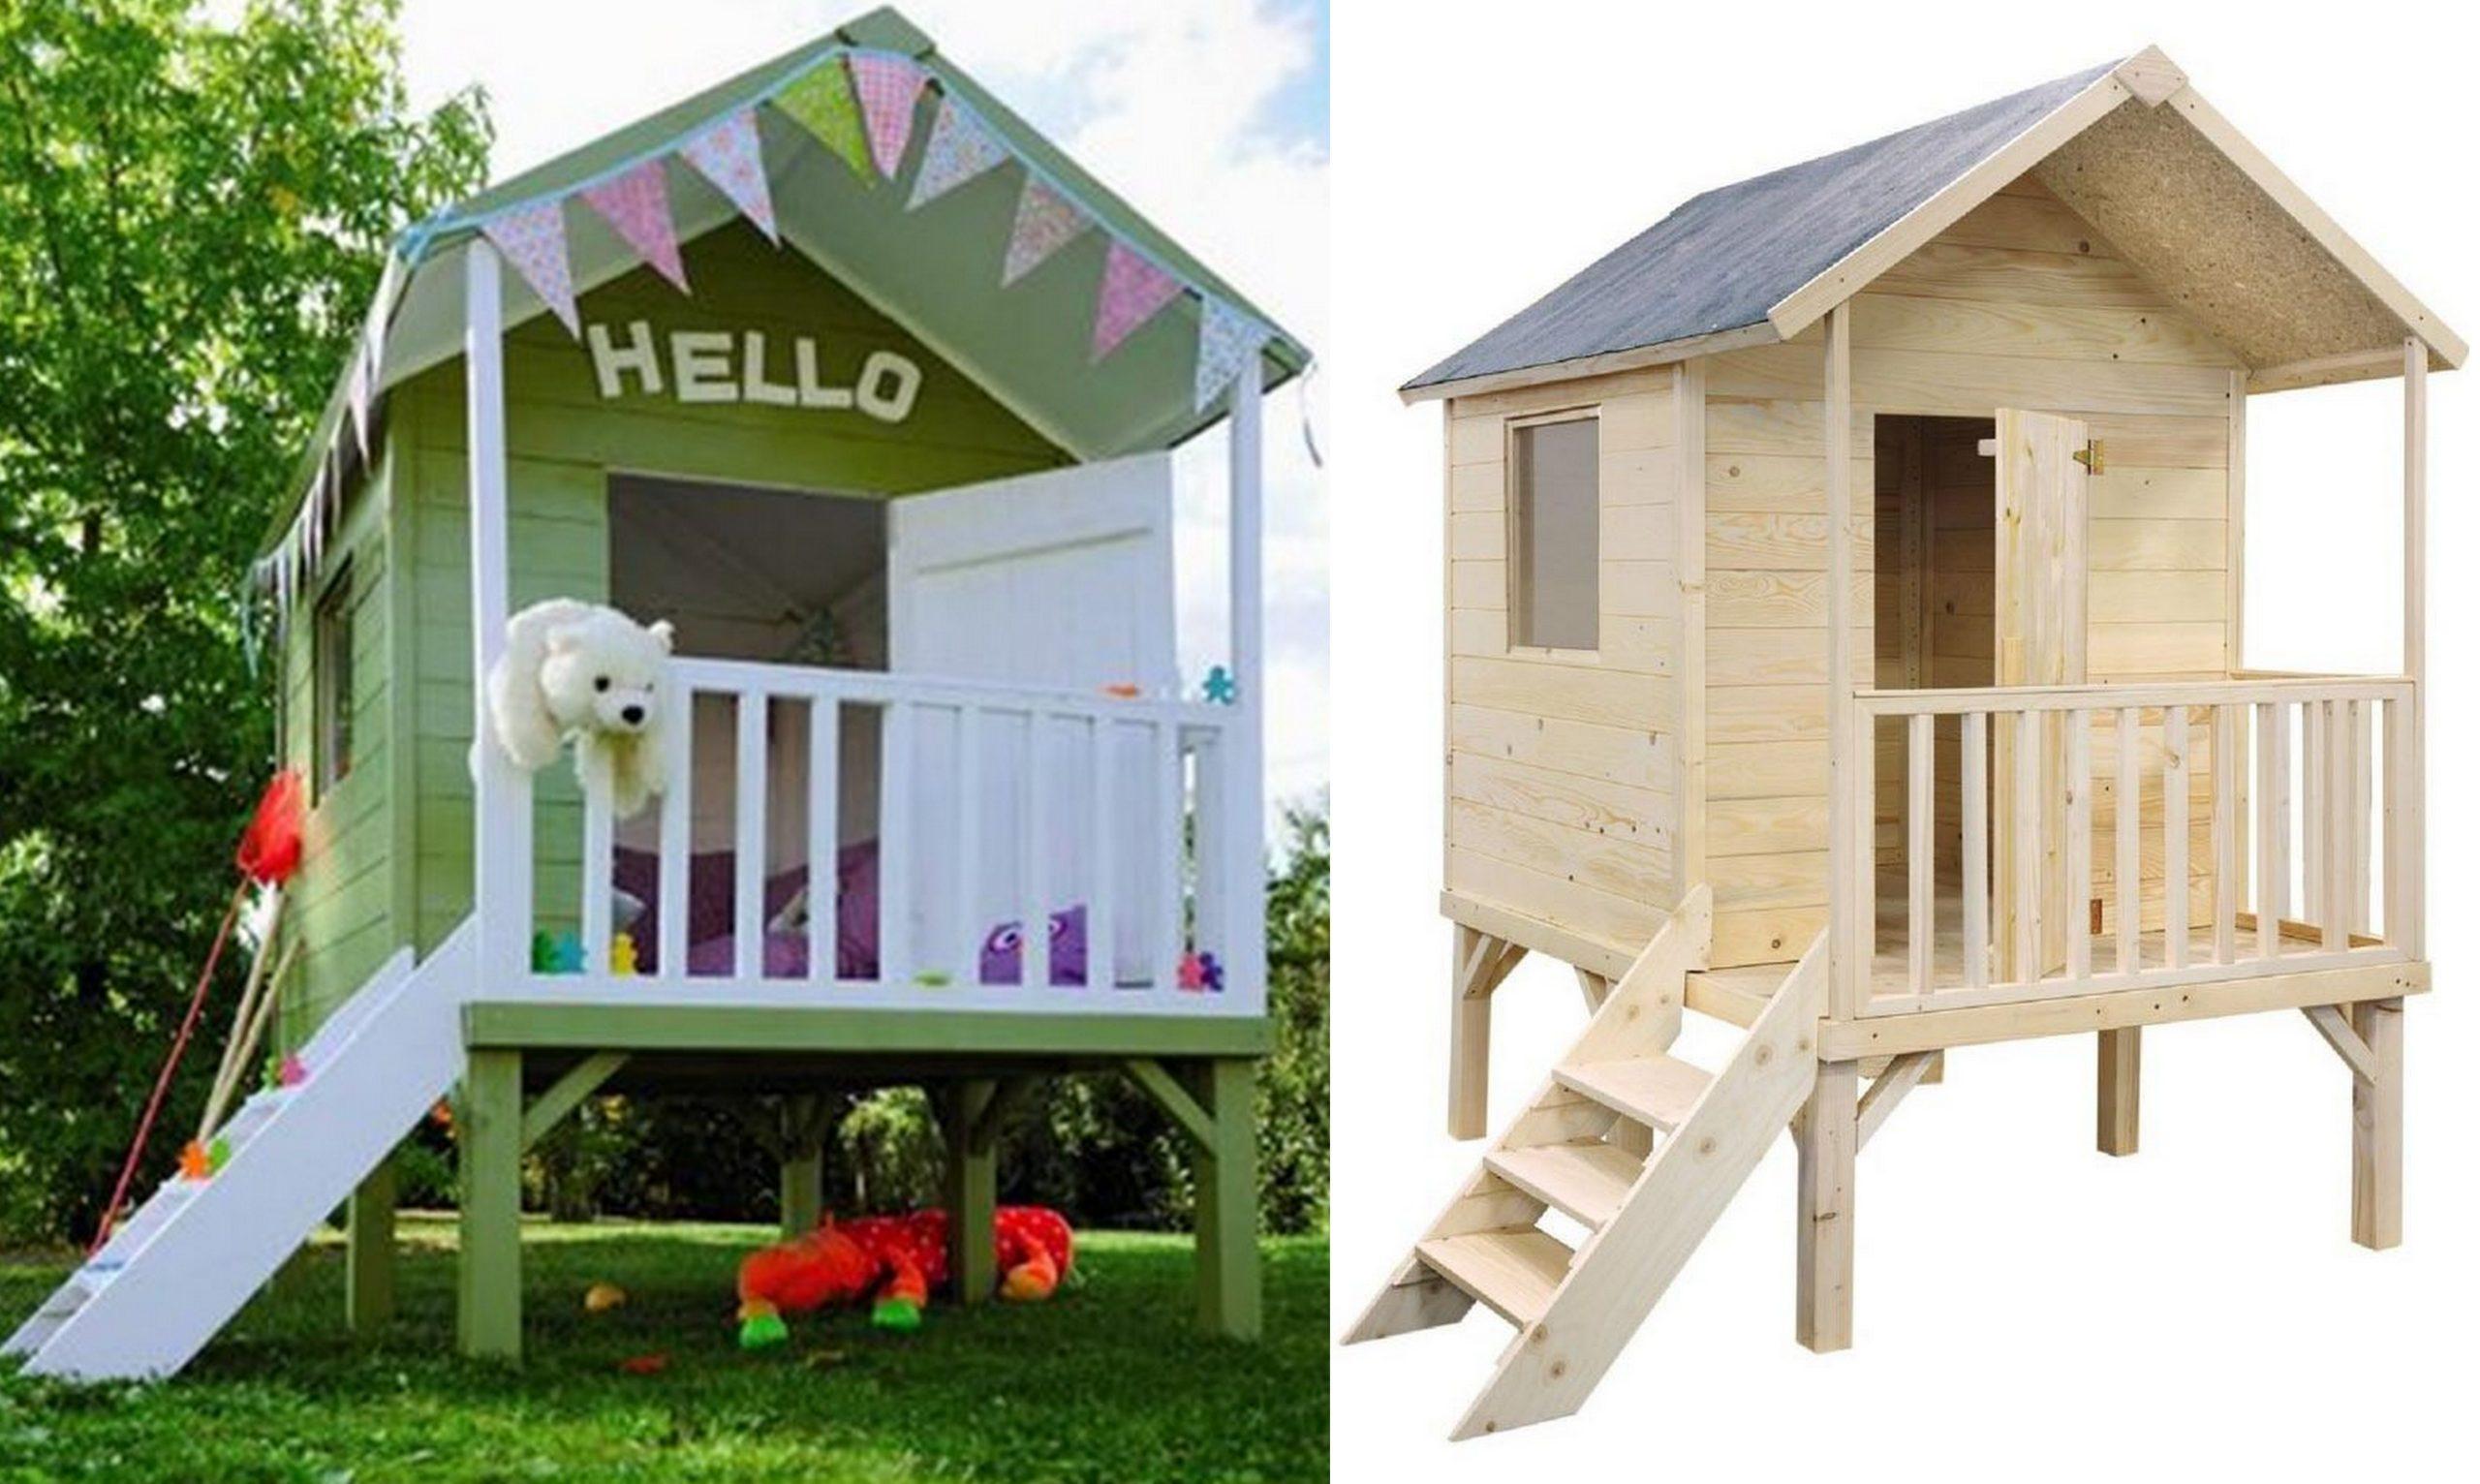 Une Cabane En Bois Pour Enfant À Prix Doux - Joli Place concernant Maisonnette De Jardin Enfant